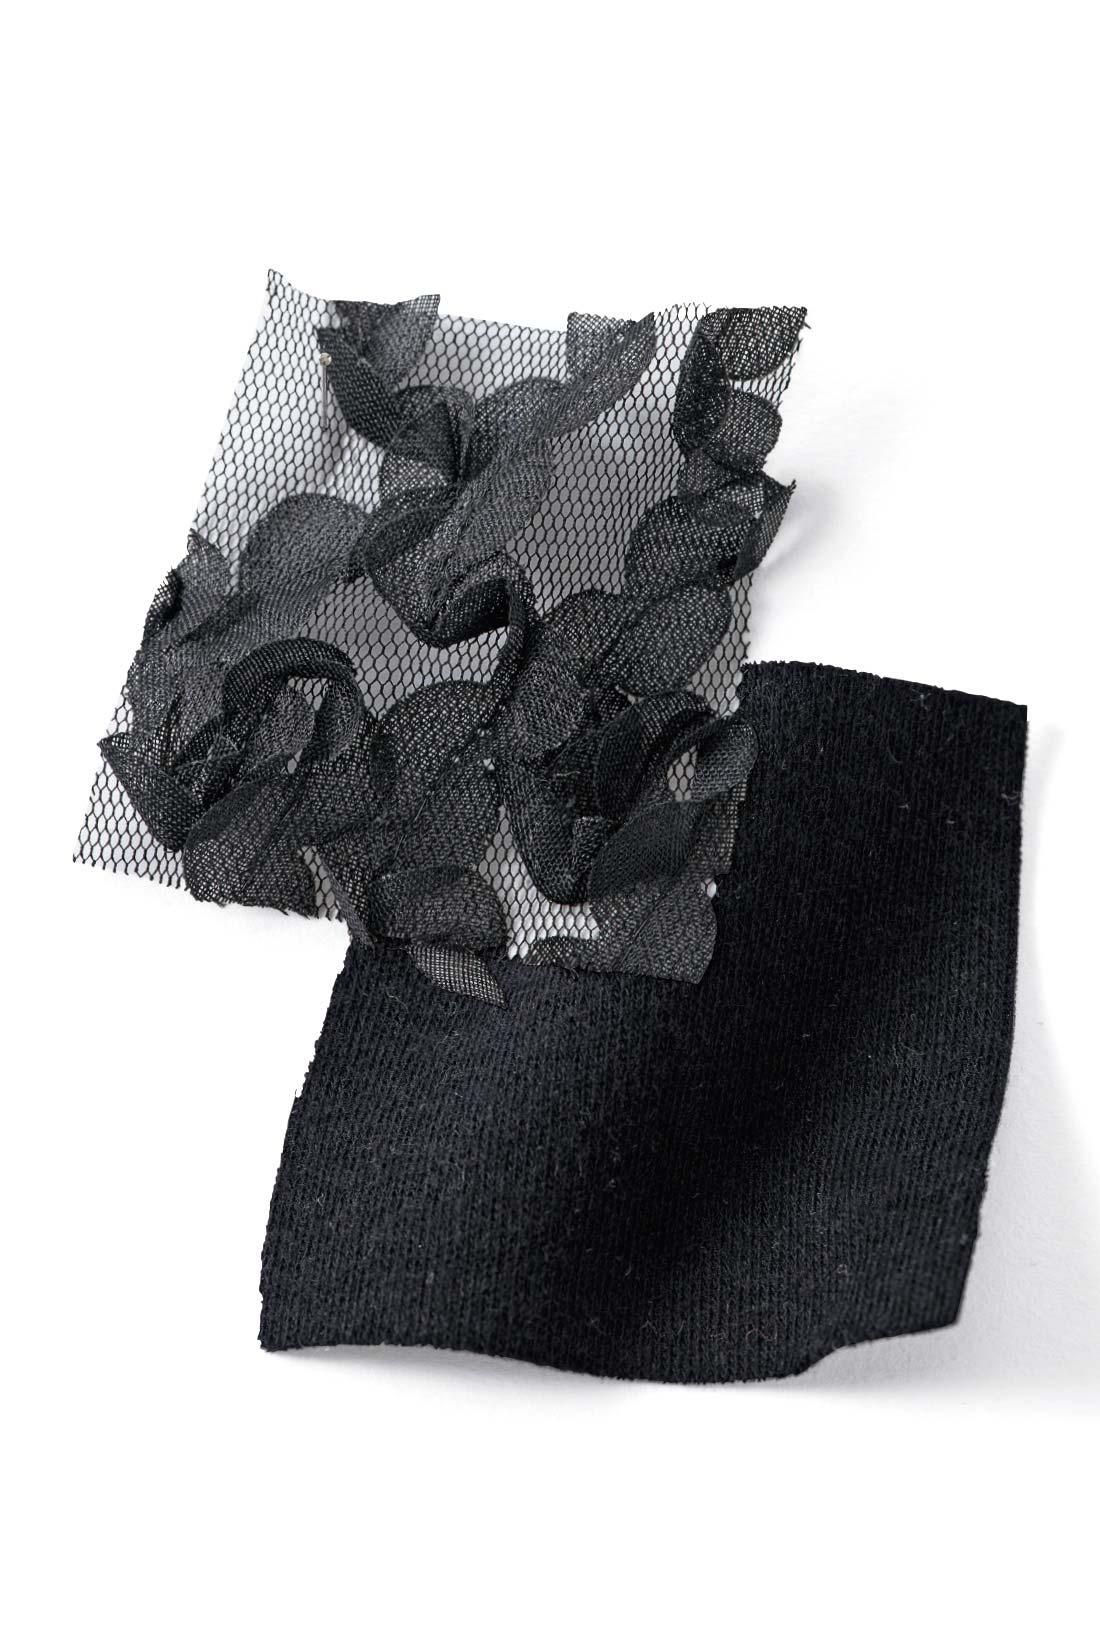 袖はやわらかなペタル(花びらのような)レース。身ごろは肌ざわりのいいやわらかなカットソー素材。